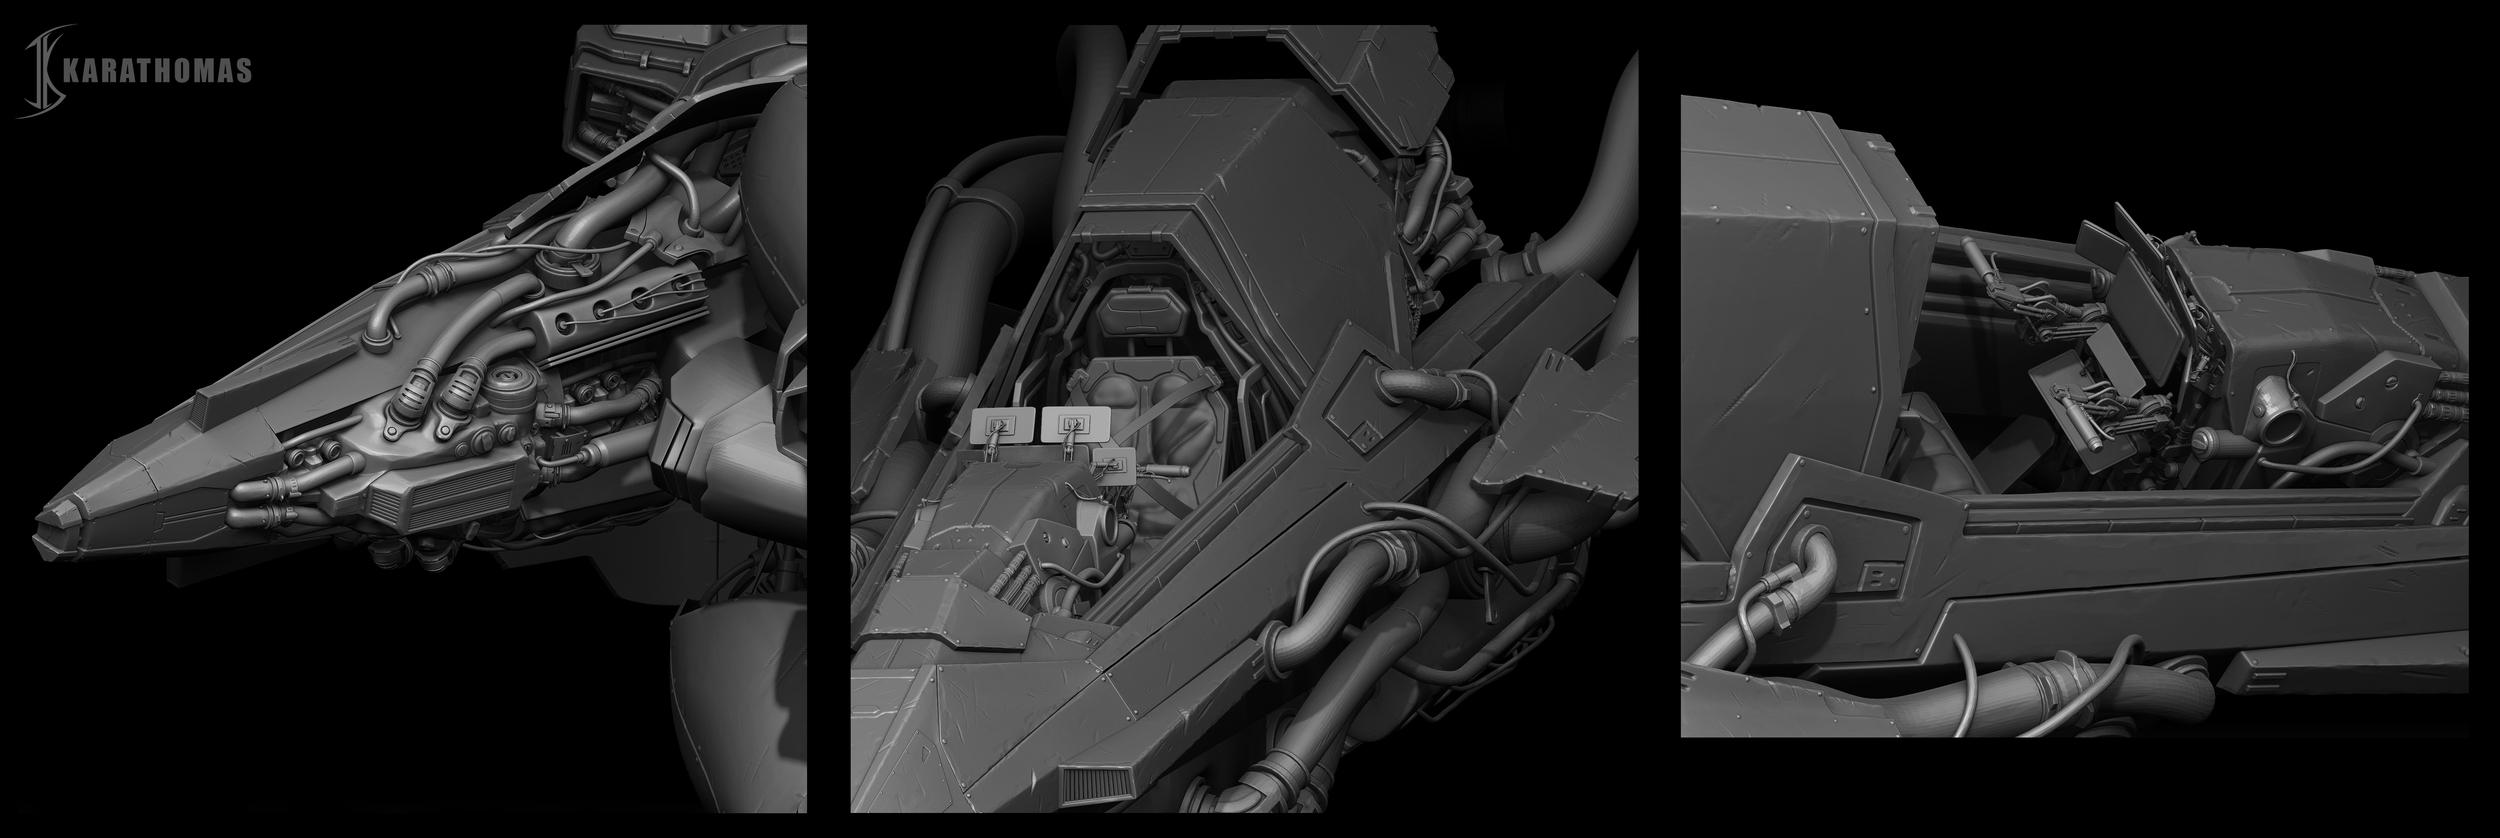 Anubis_Cockpit_details.jpg